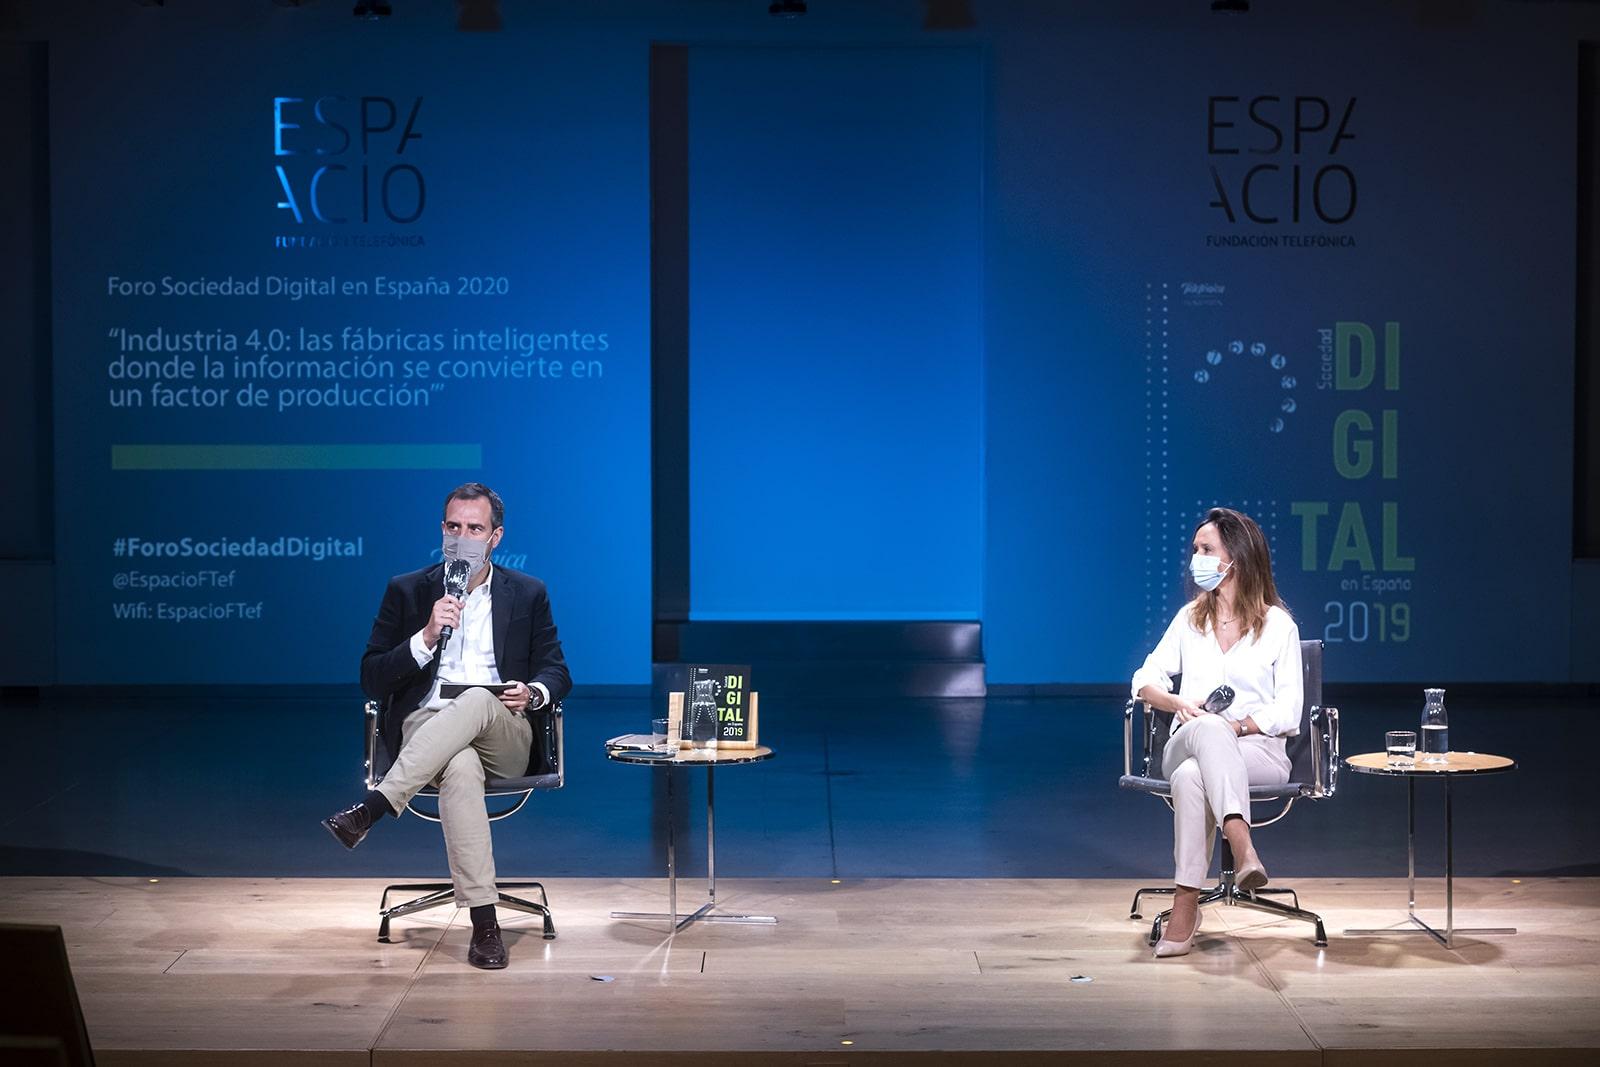 Surexport participates in Foro Sociedad Digital en España 2020 -SurExport